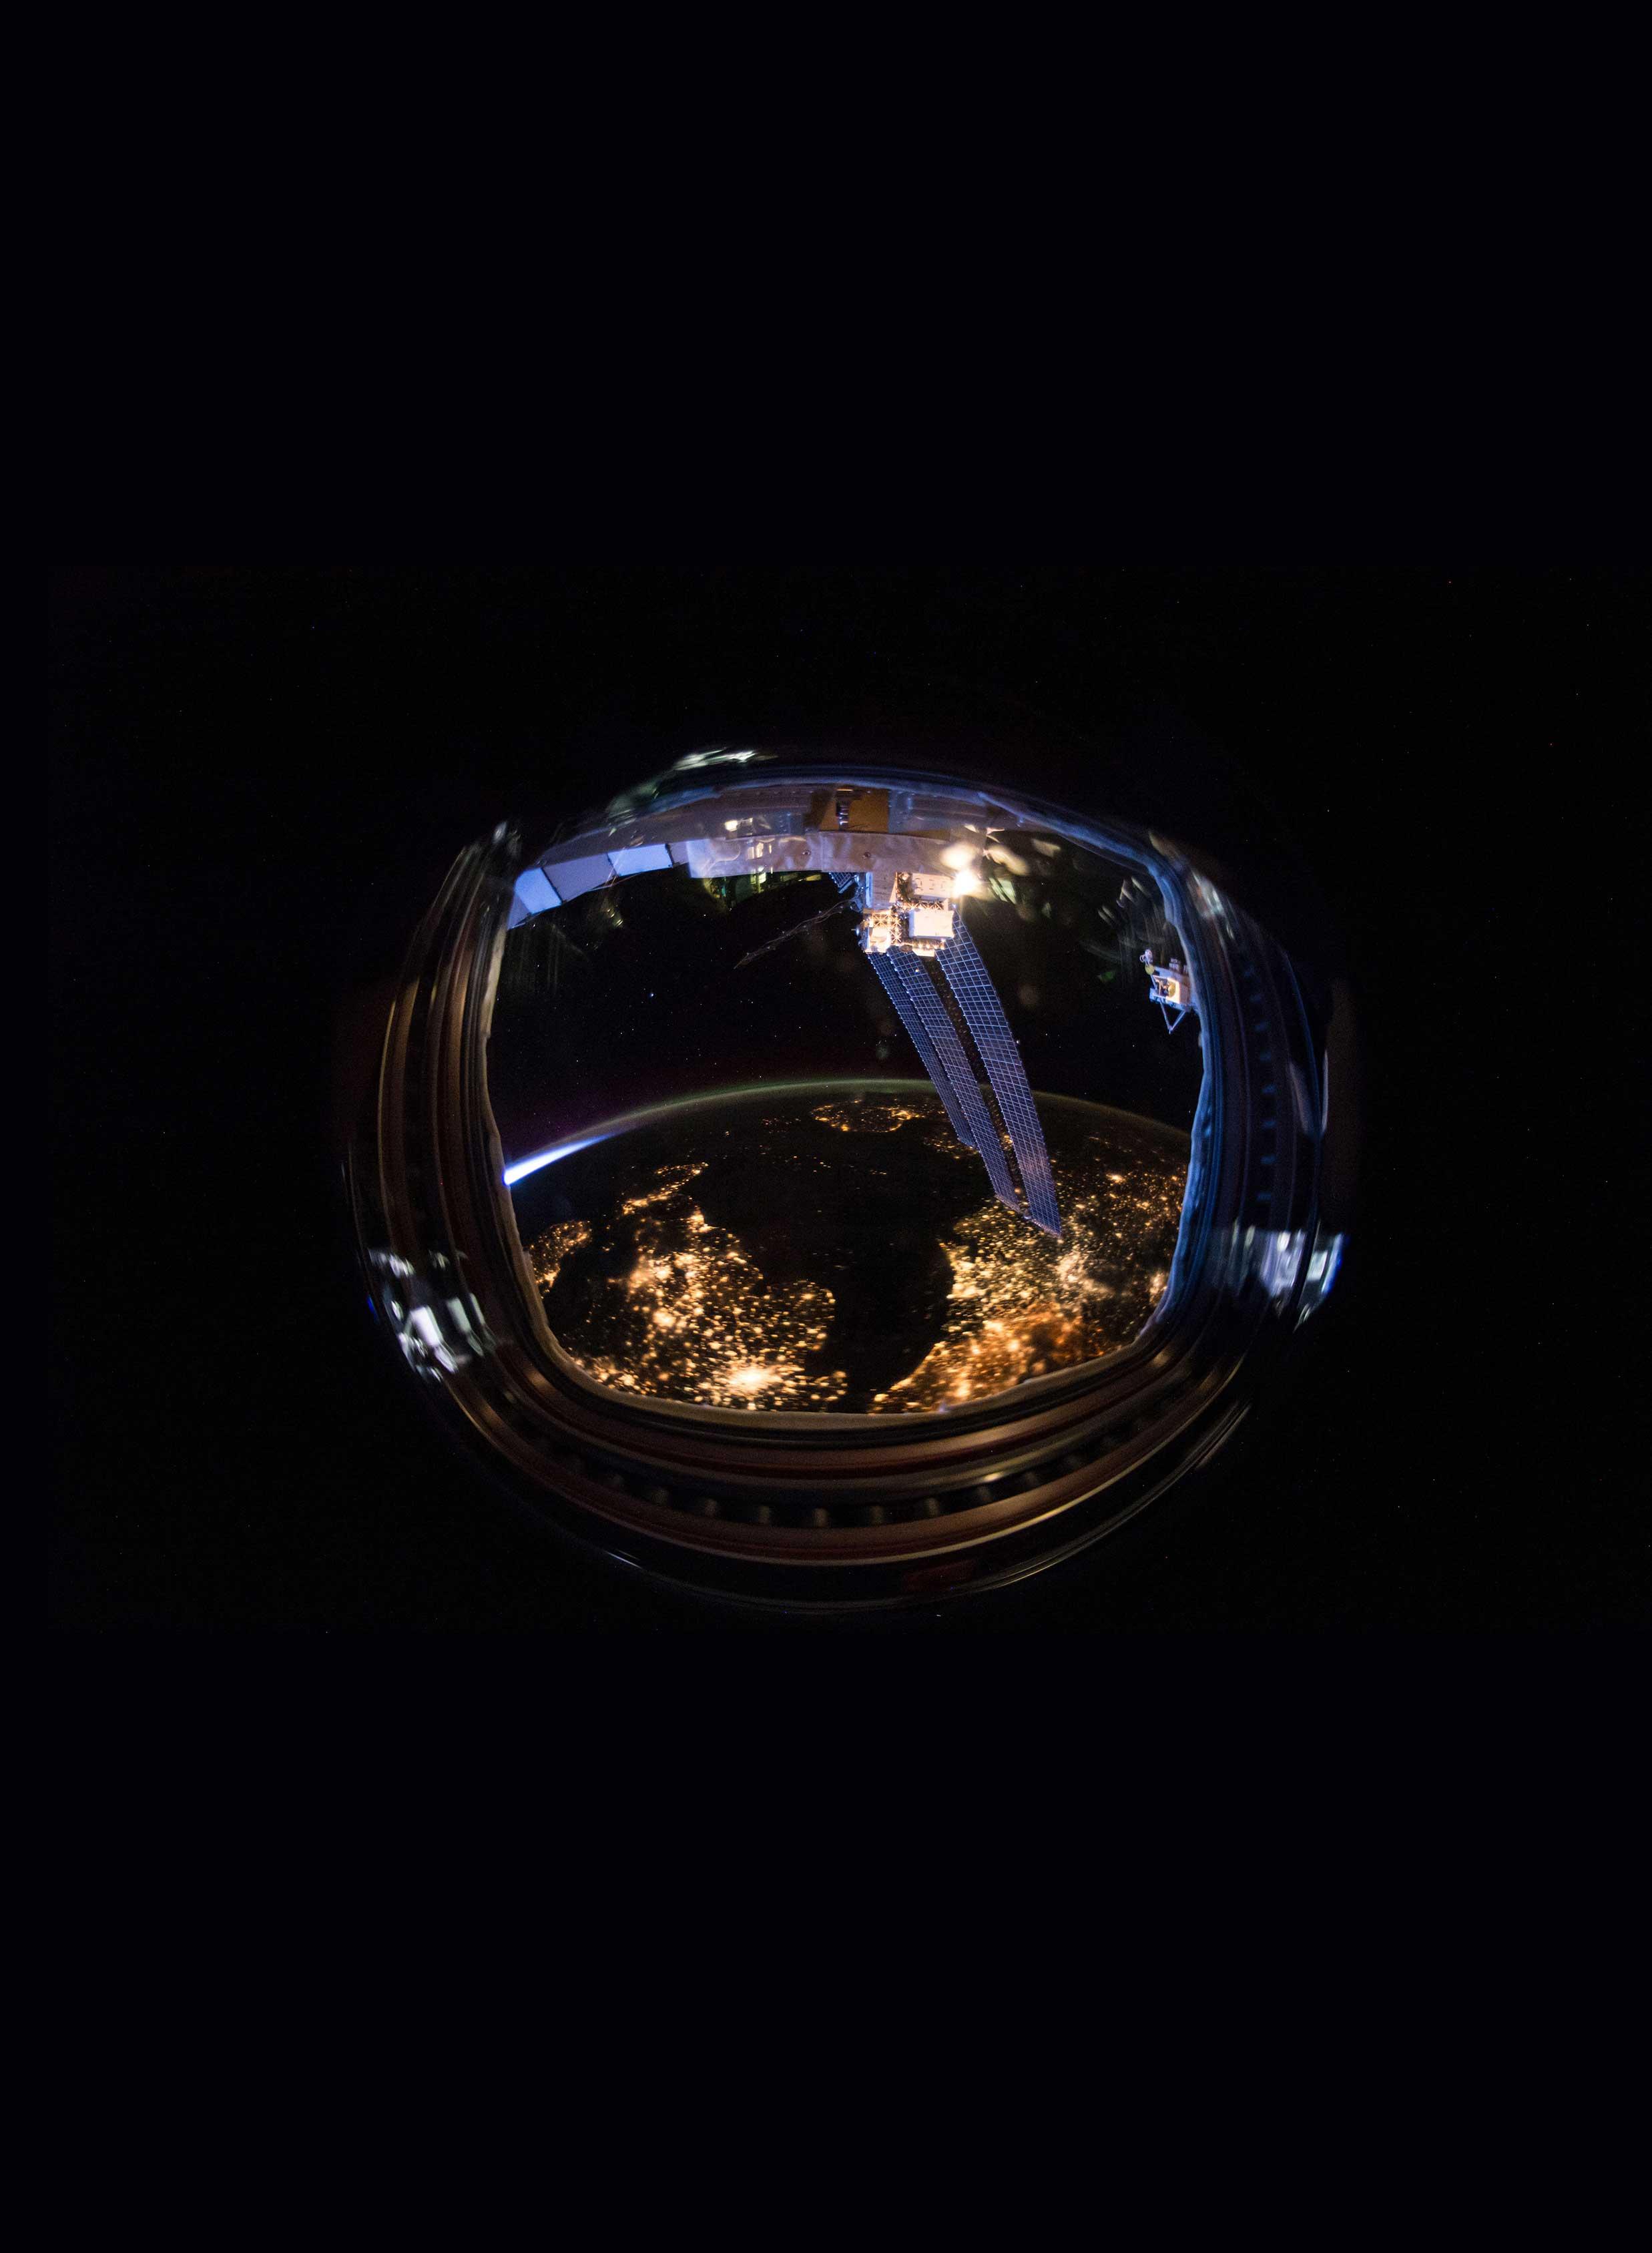 An astronaut helmet reflecting a light-filled earth